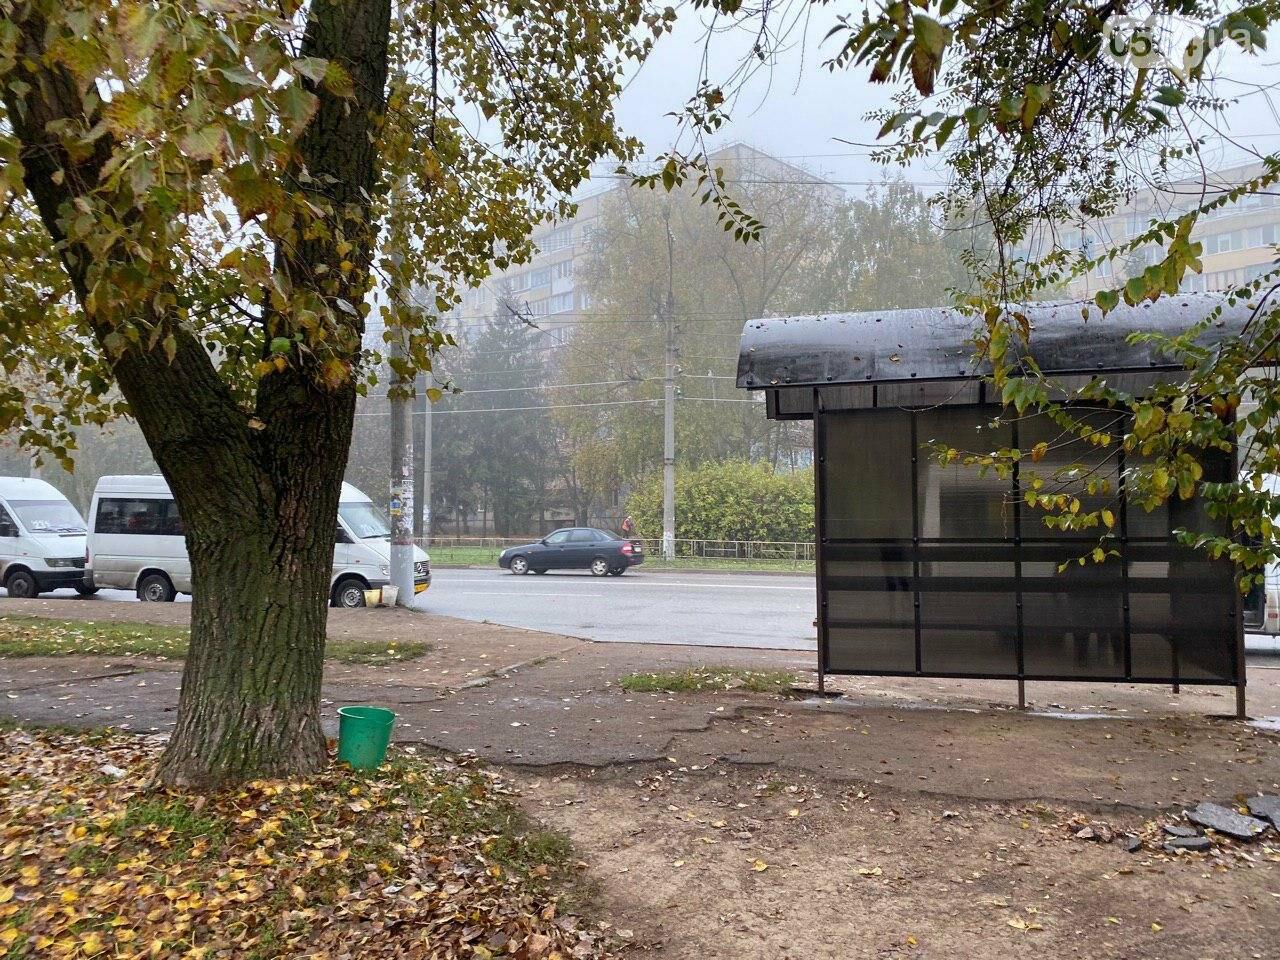 В Кривом Роге предприниматель помогла благоустроить остановку общественного транспорта, - ФОТО, фото-9